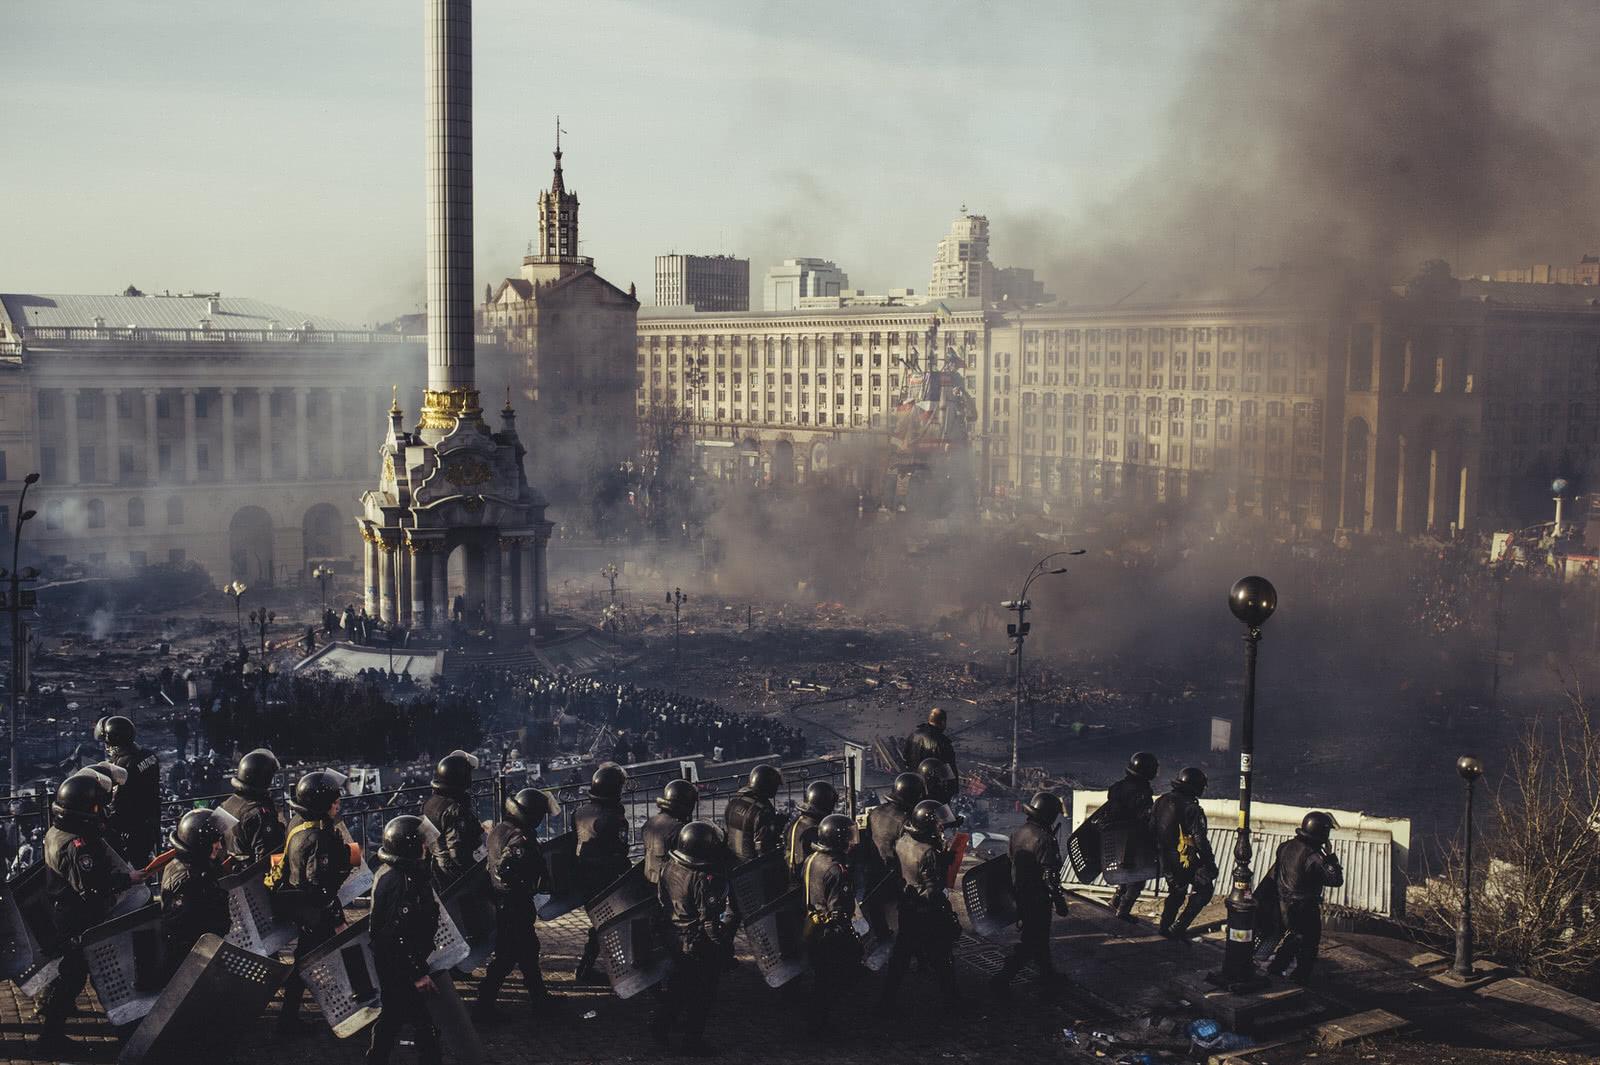 乌克兰设想4种对俄战争,还有核武?其实最具威胁性的是内鬼!